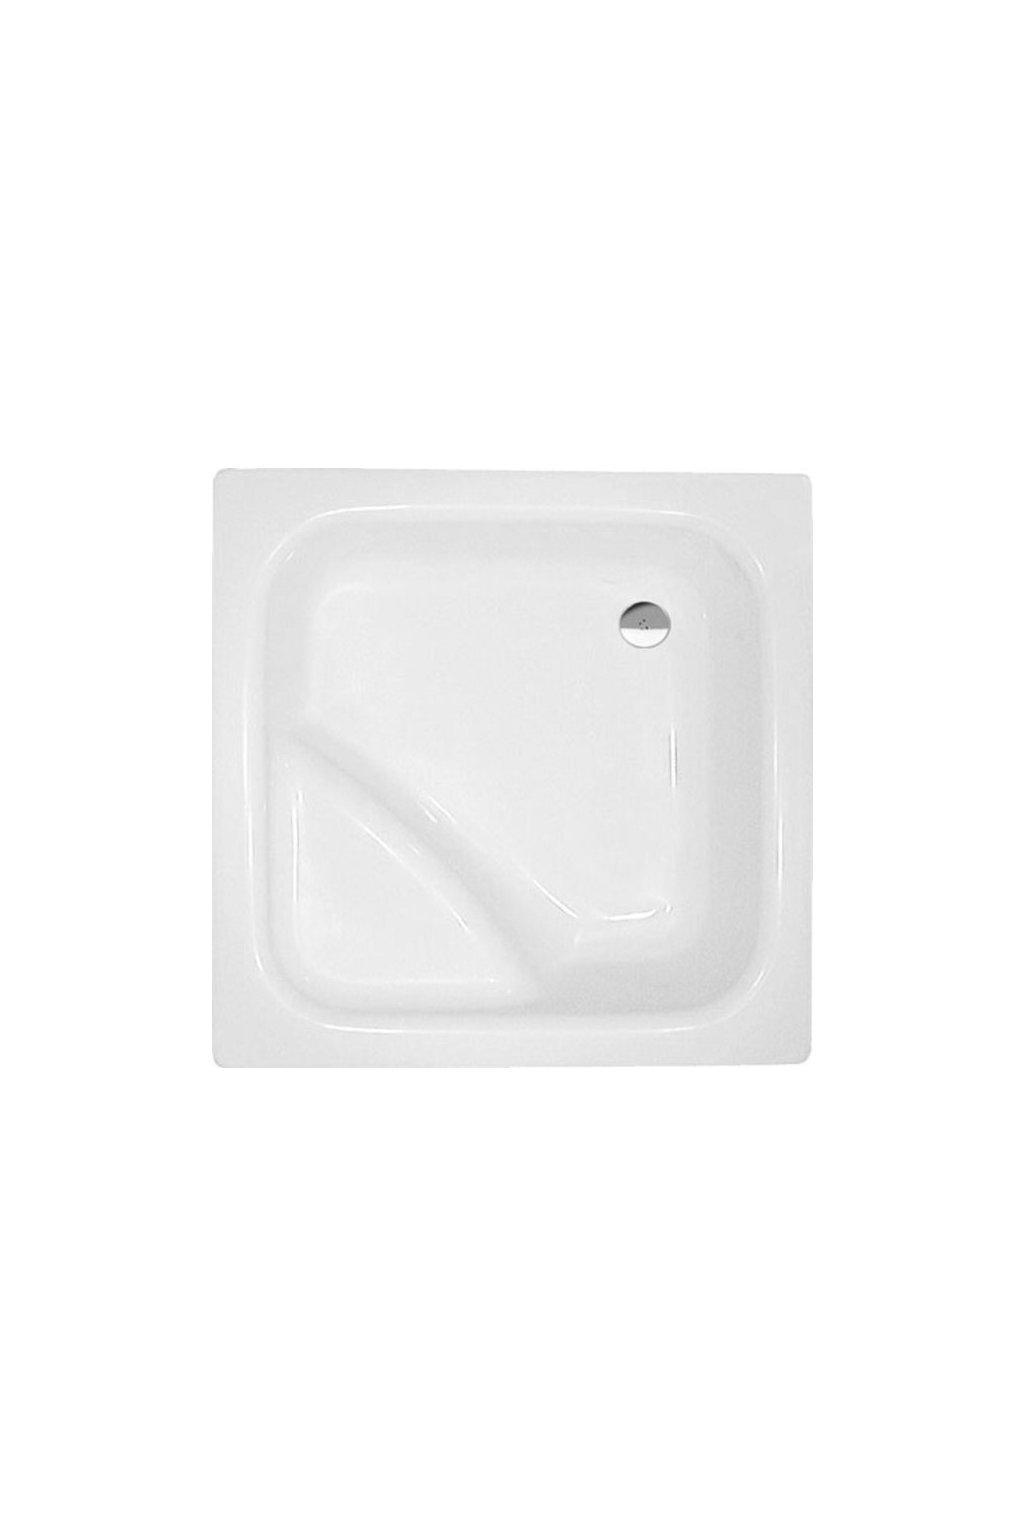 VISLA hluboká sprchová vanička, čtverec 80x80x29cm, bílá, 50111